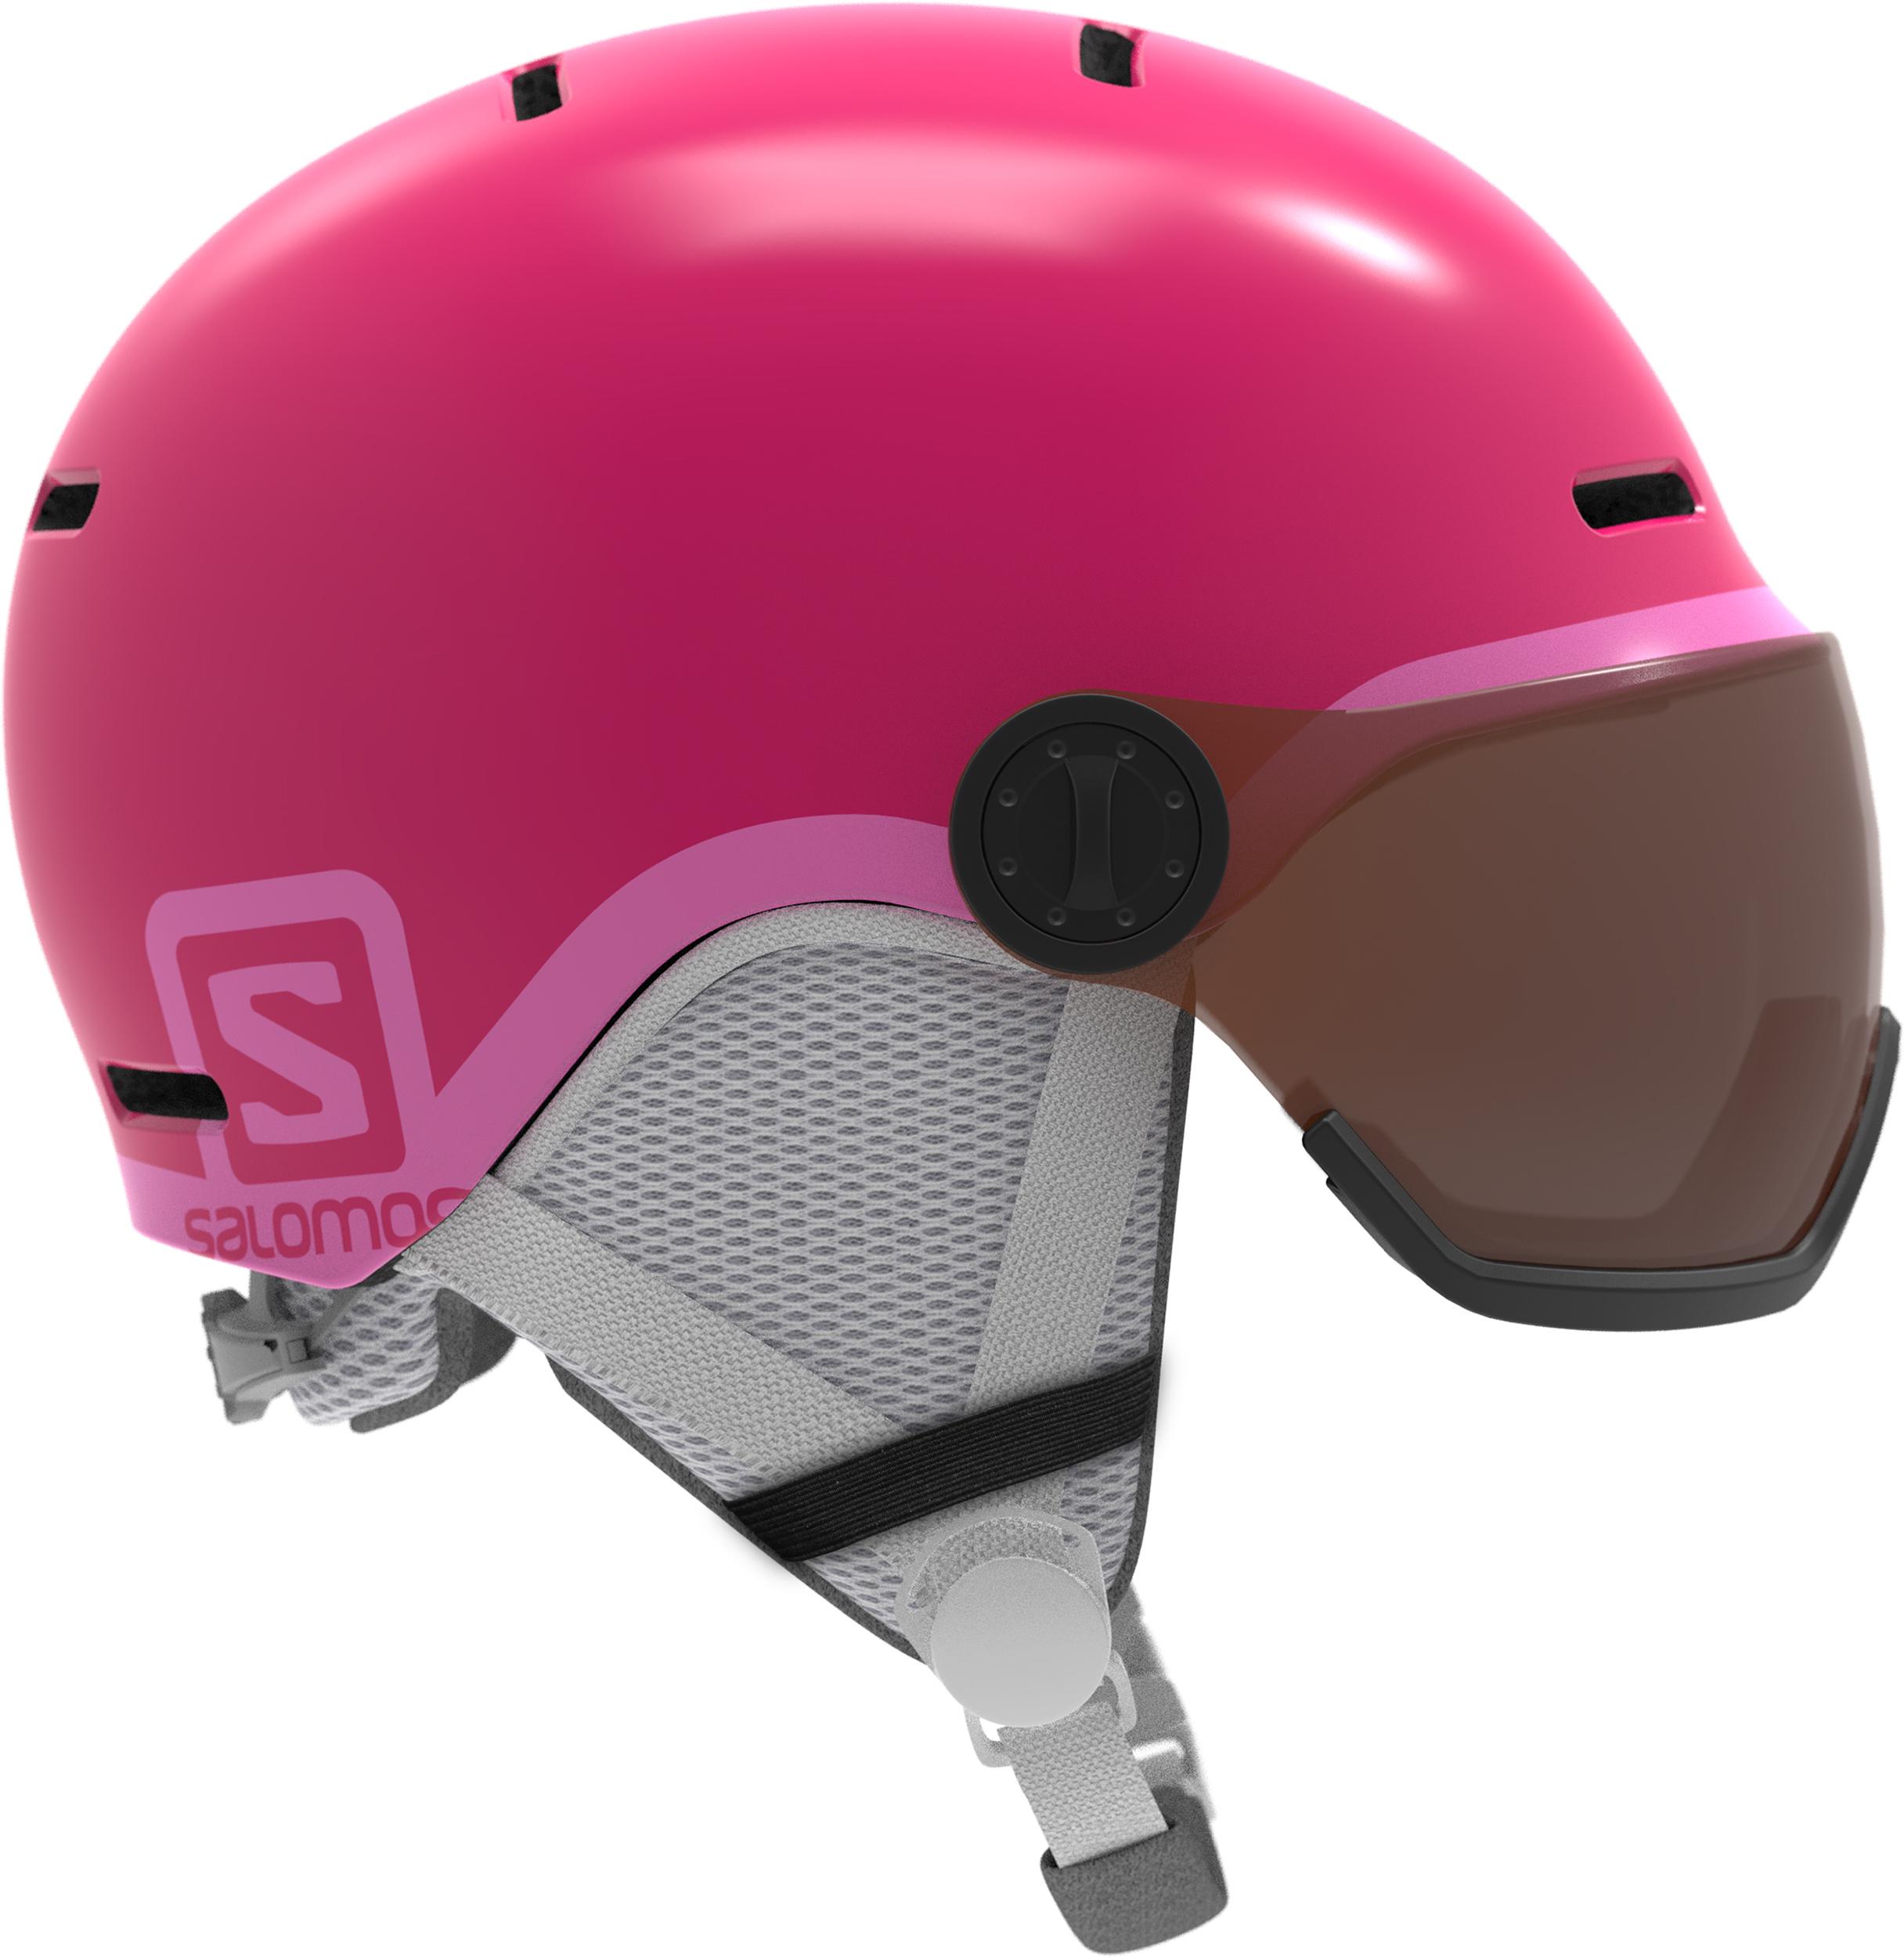 d20964363361 Salomon Grom Visor Snow Helmet + Visor - Children to Youths